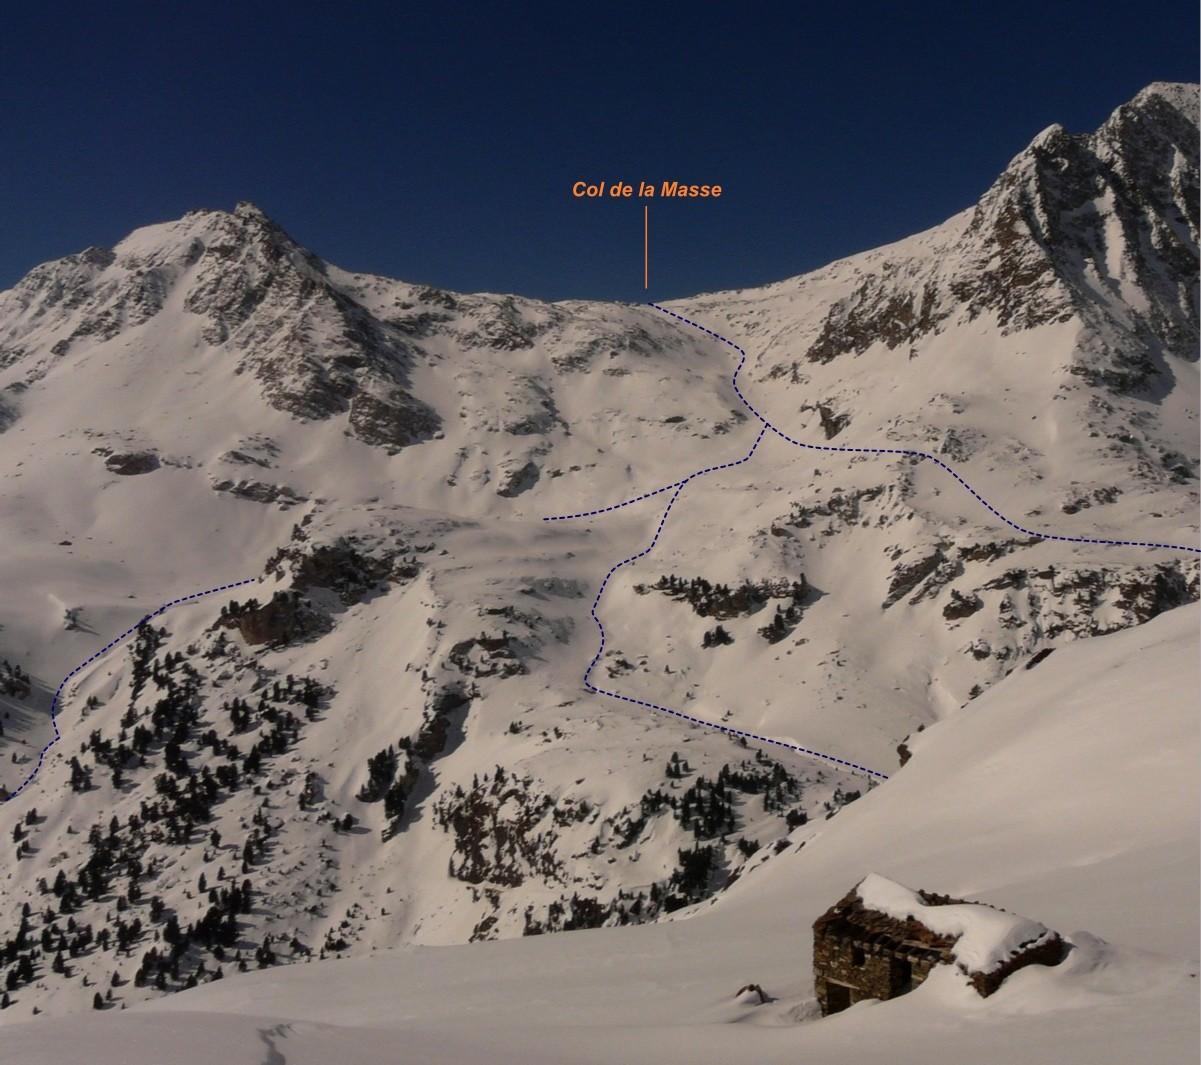 Col de la Masse - Versant E (itinéraire à ski)